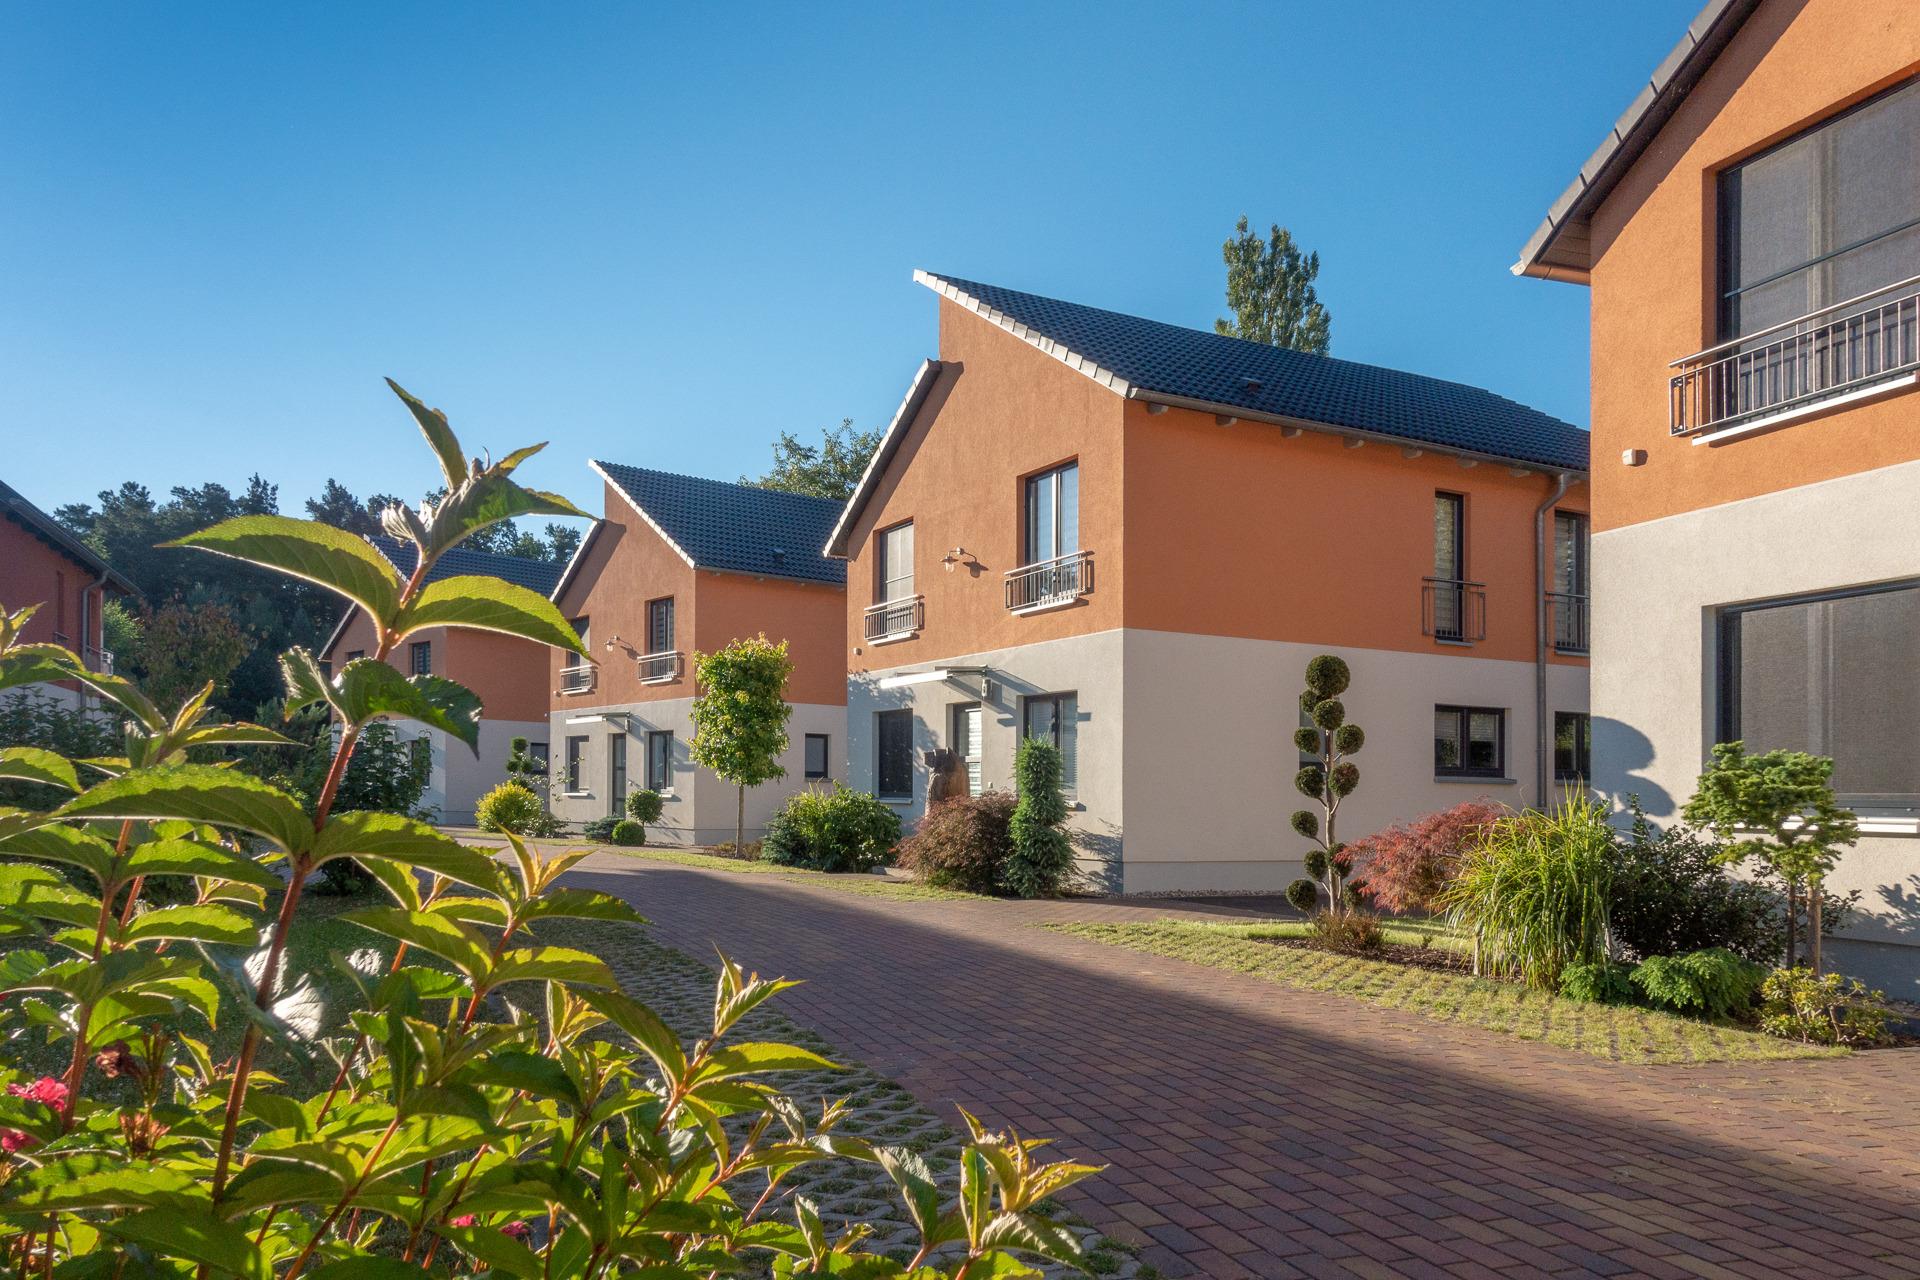 Ferienhaus 16 Esche Ferienhaus am Bodensee